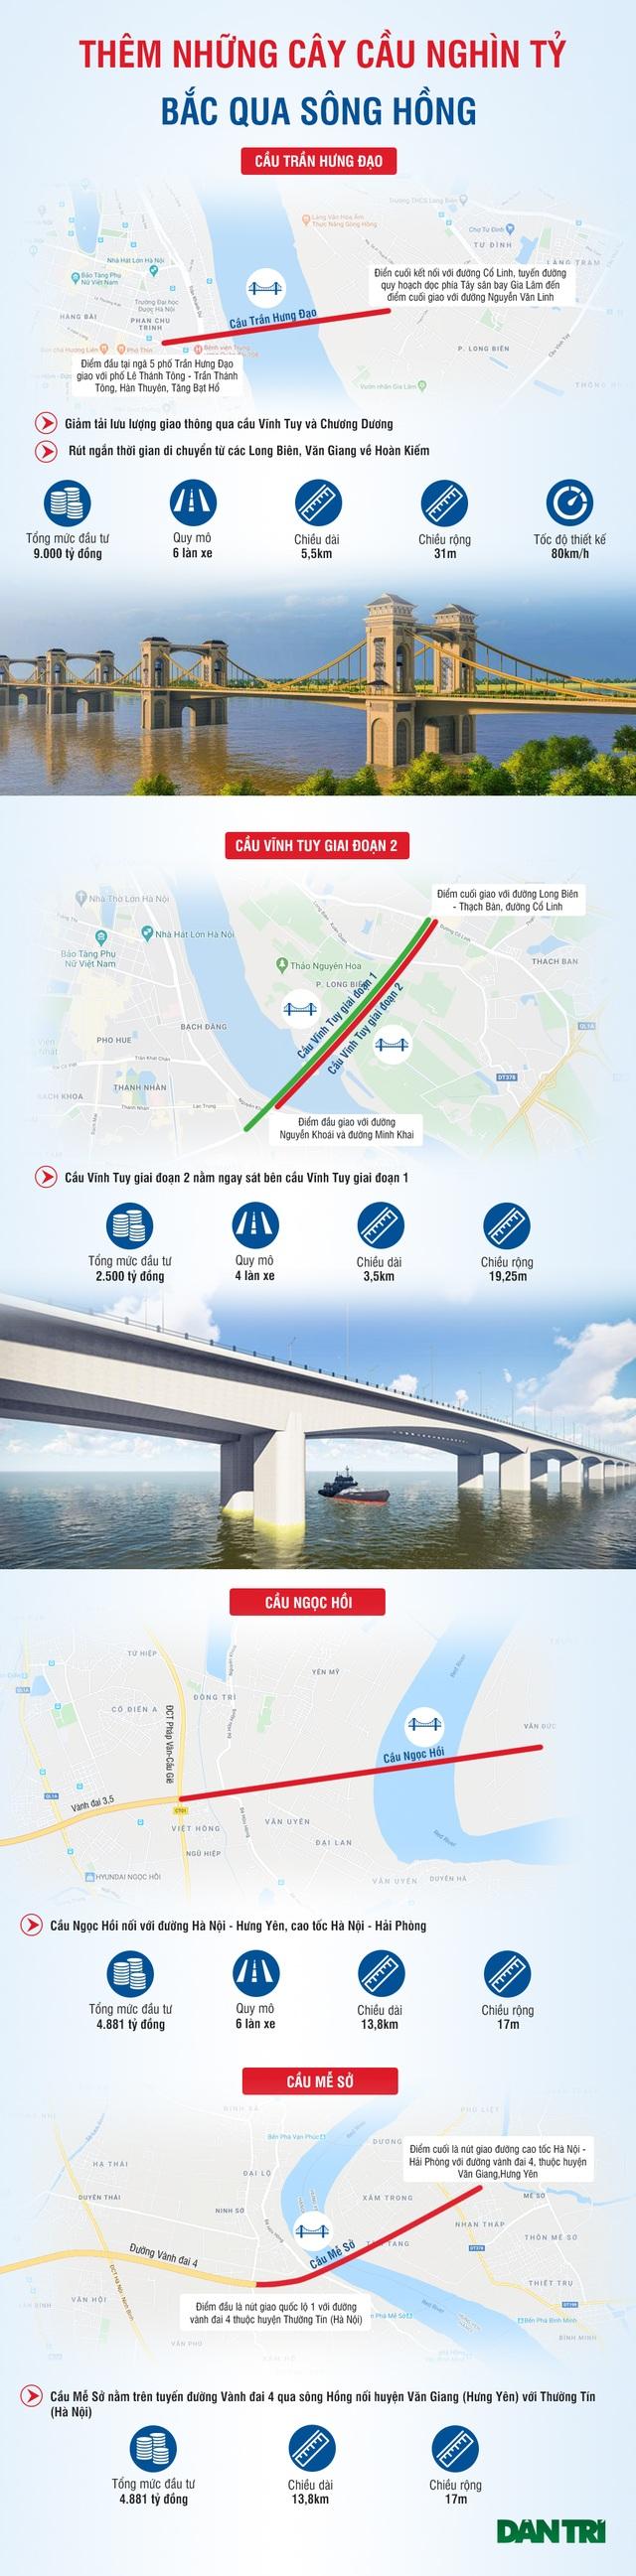 Những cây cầu nghìn tỷ bắc qua sông Hồng sắp được xây dựng ở Hà Nội - 1